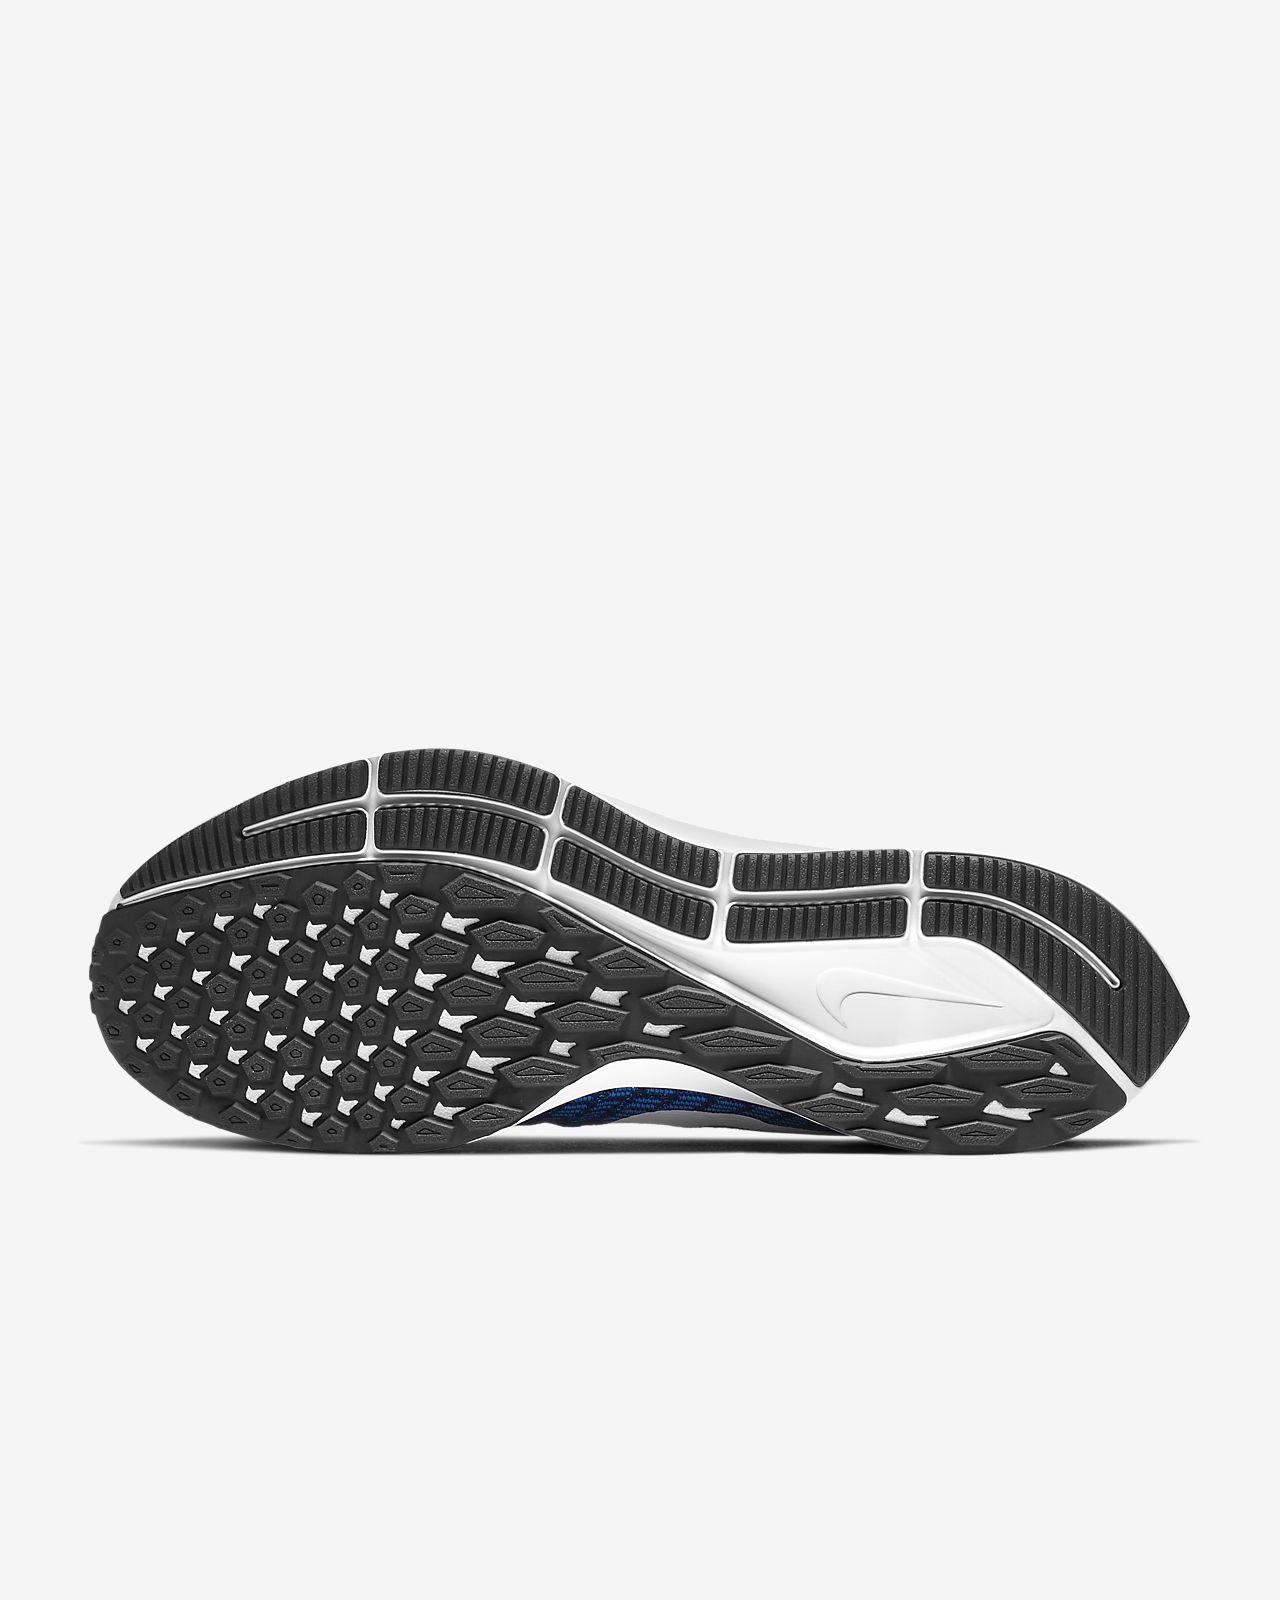 new style 8c4be 4575e ... Nike Air Zoom Pegasus 35 Zapatillas de running - Hombre